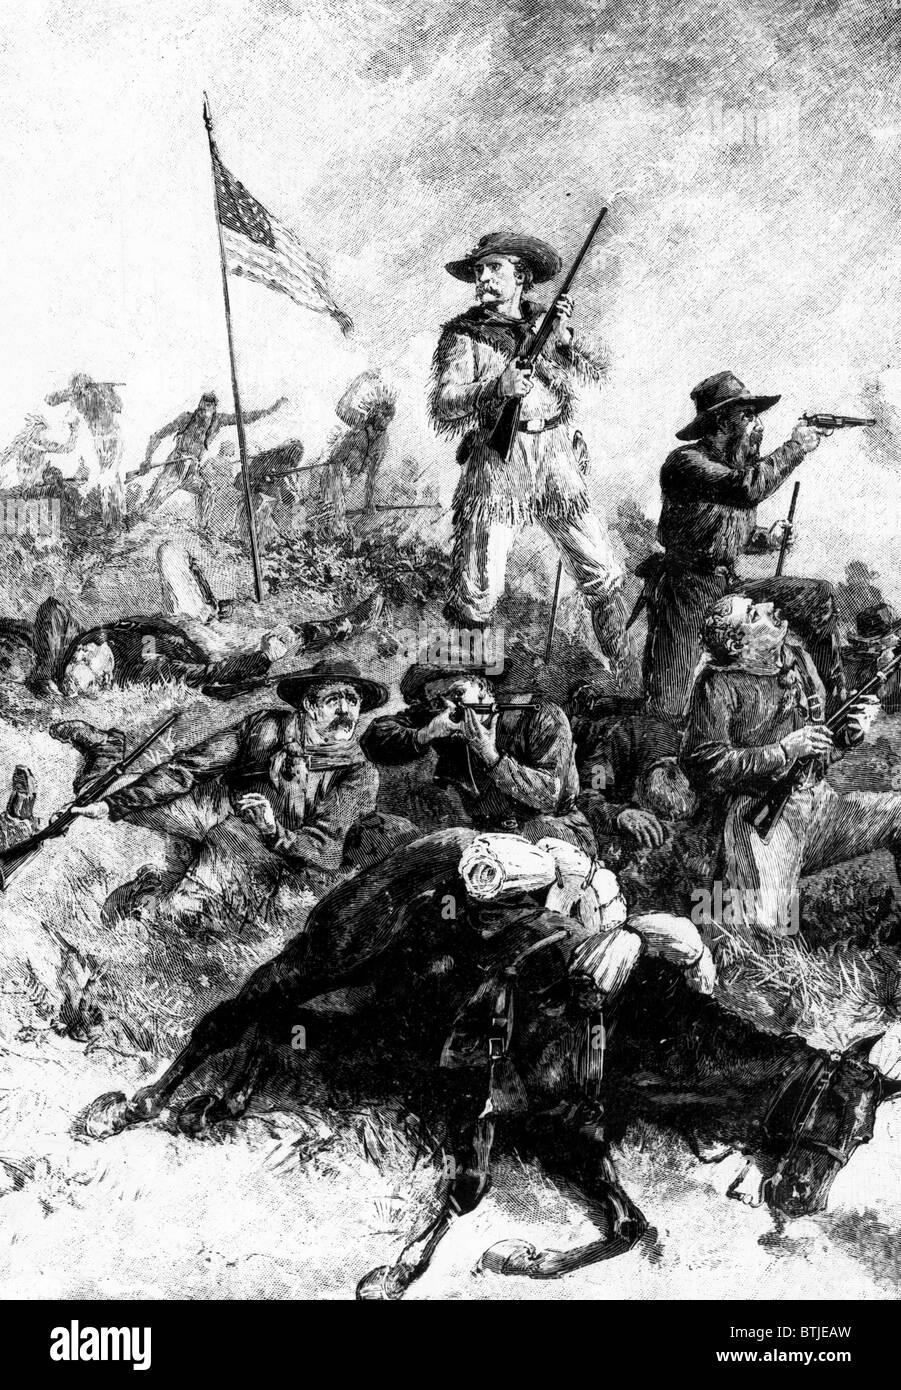 Little Bighorn Map Battle 2013: Part 1 - YouTube